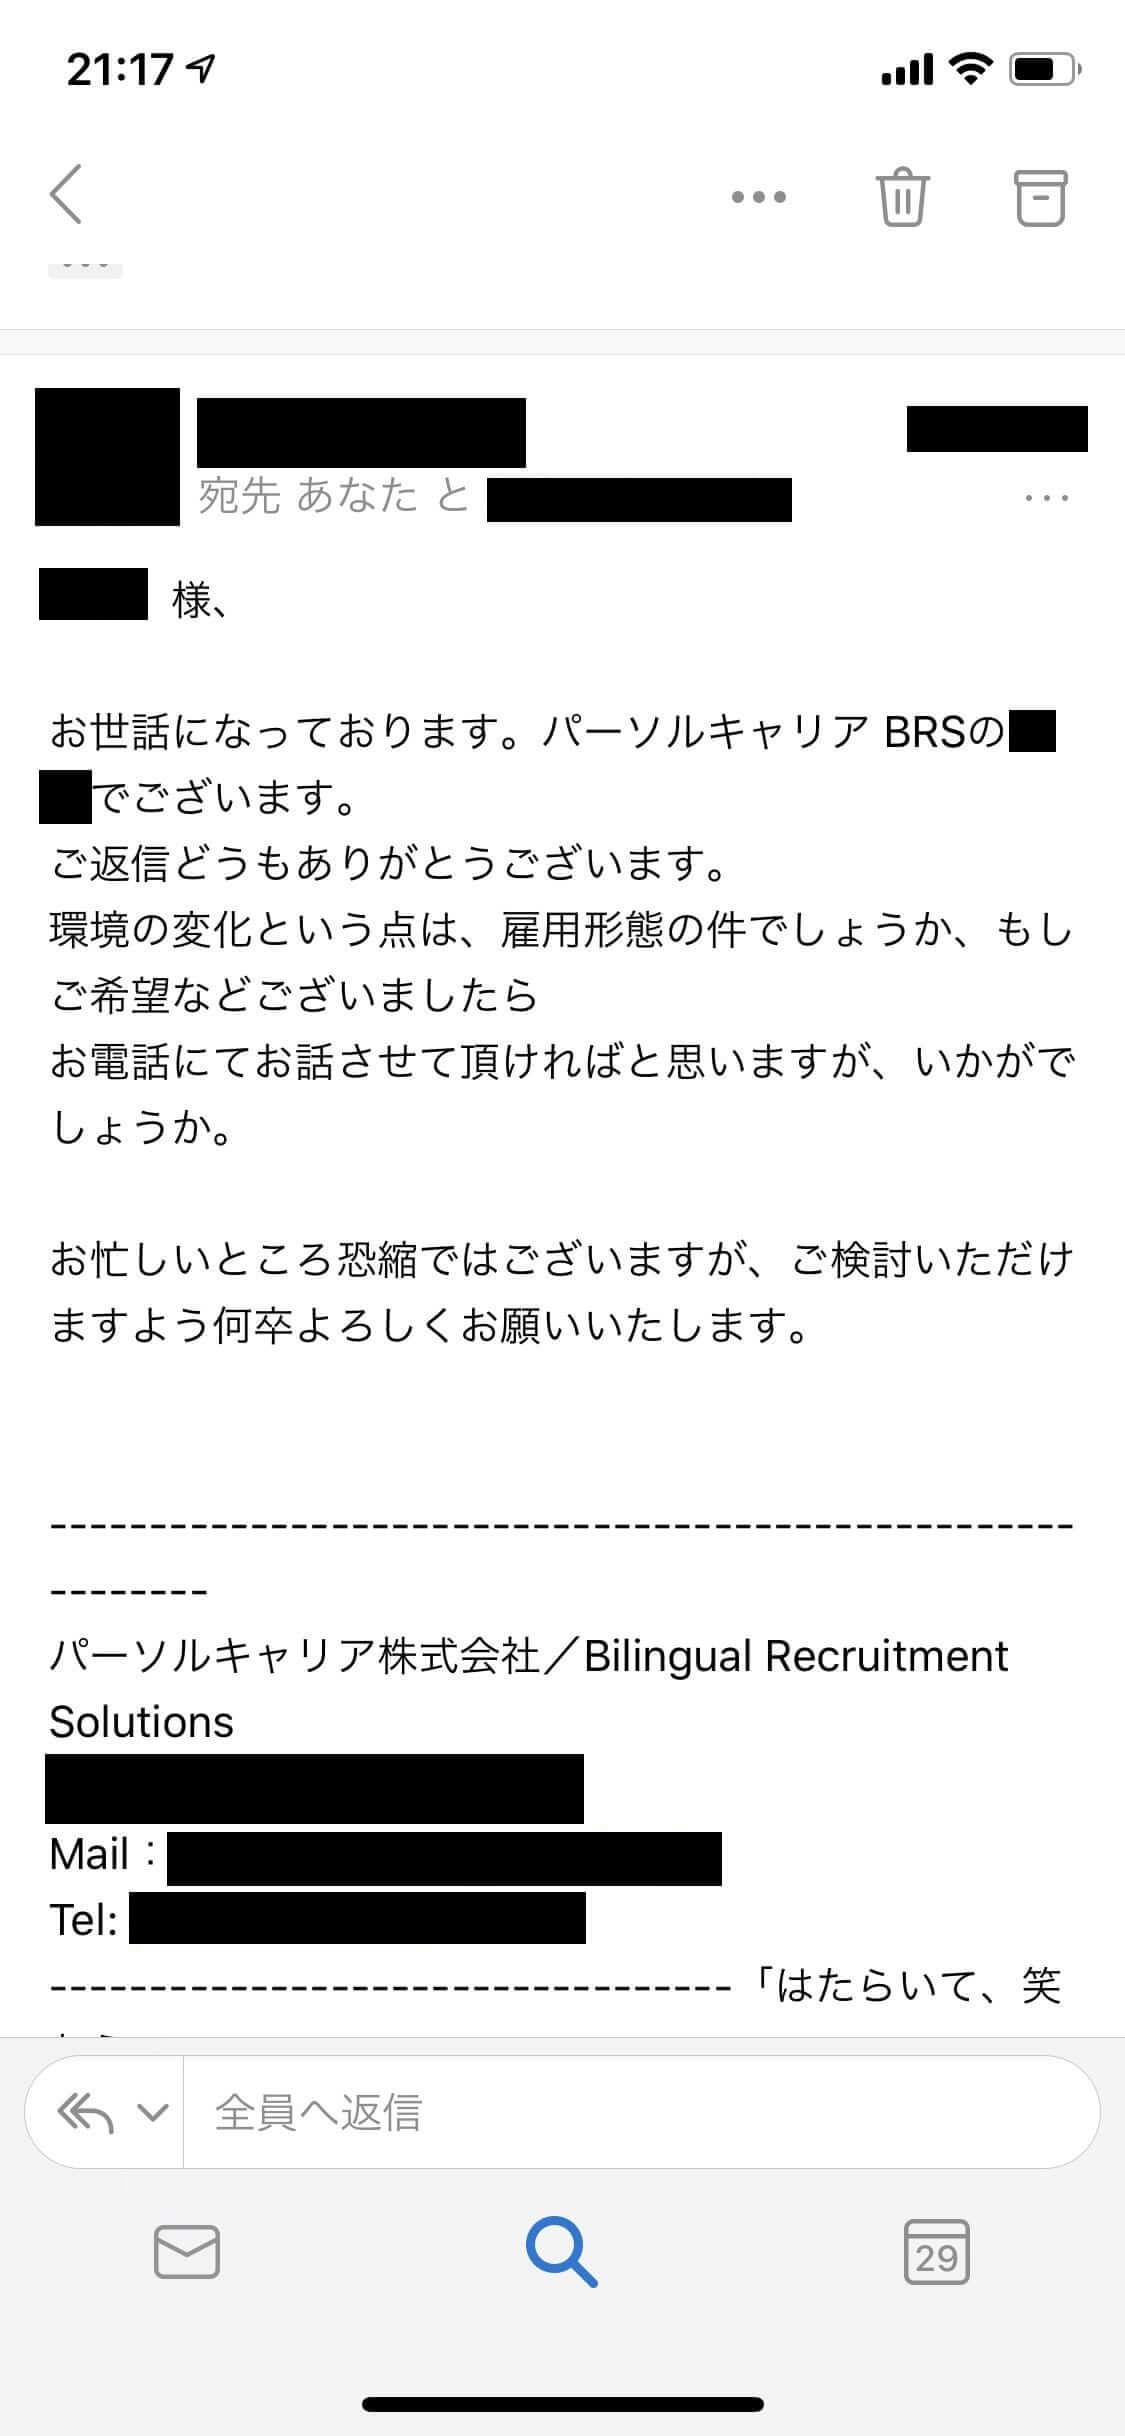 パーソルキャリア株式会社/Bilingual Recruitment Solutions(BSR)